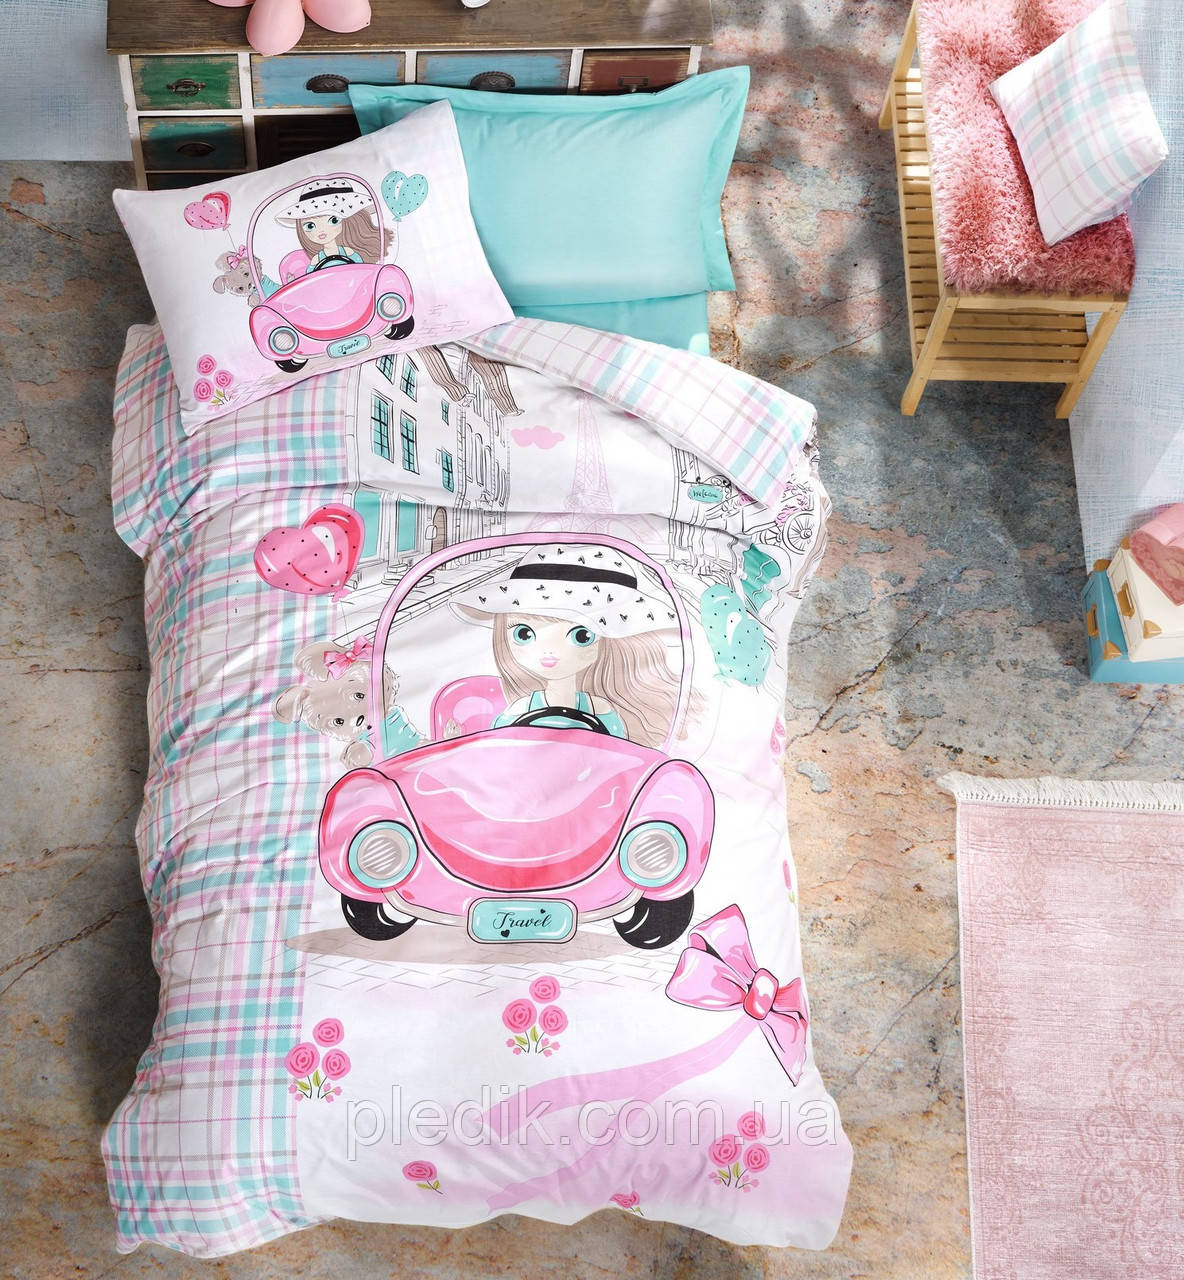 Подростковое постельное белье Cotton Box PARIS LOVE